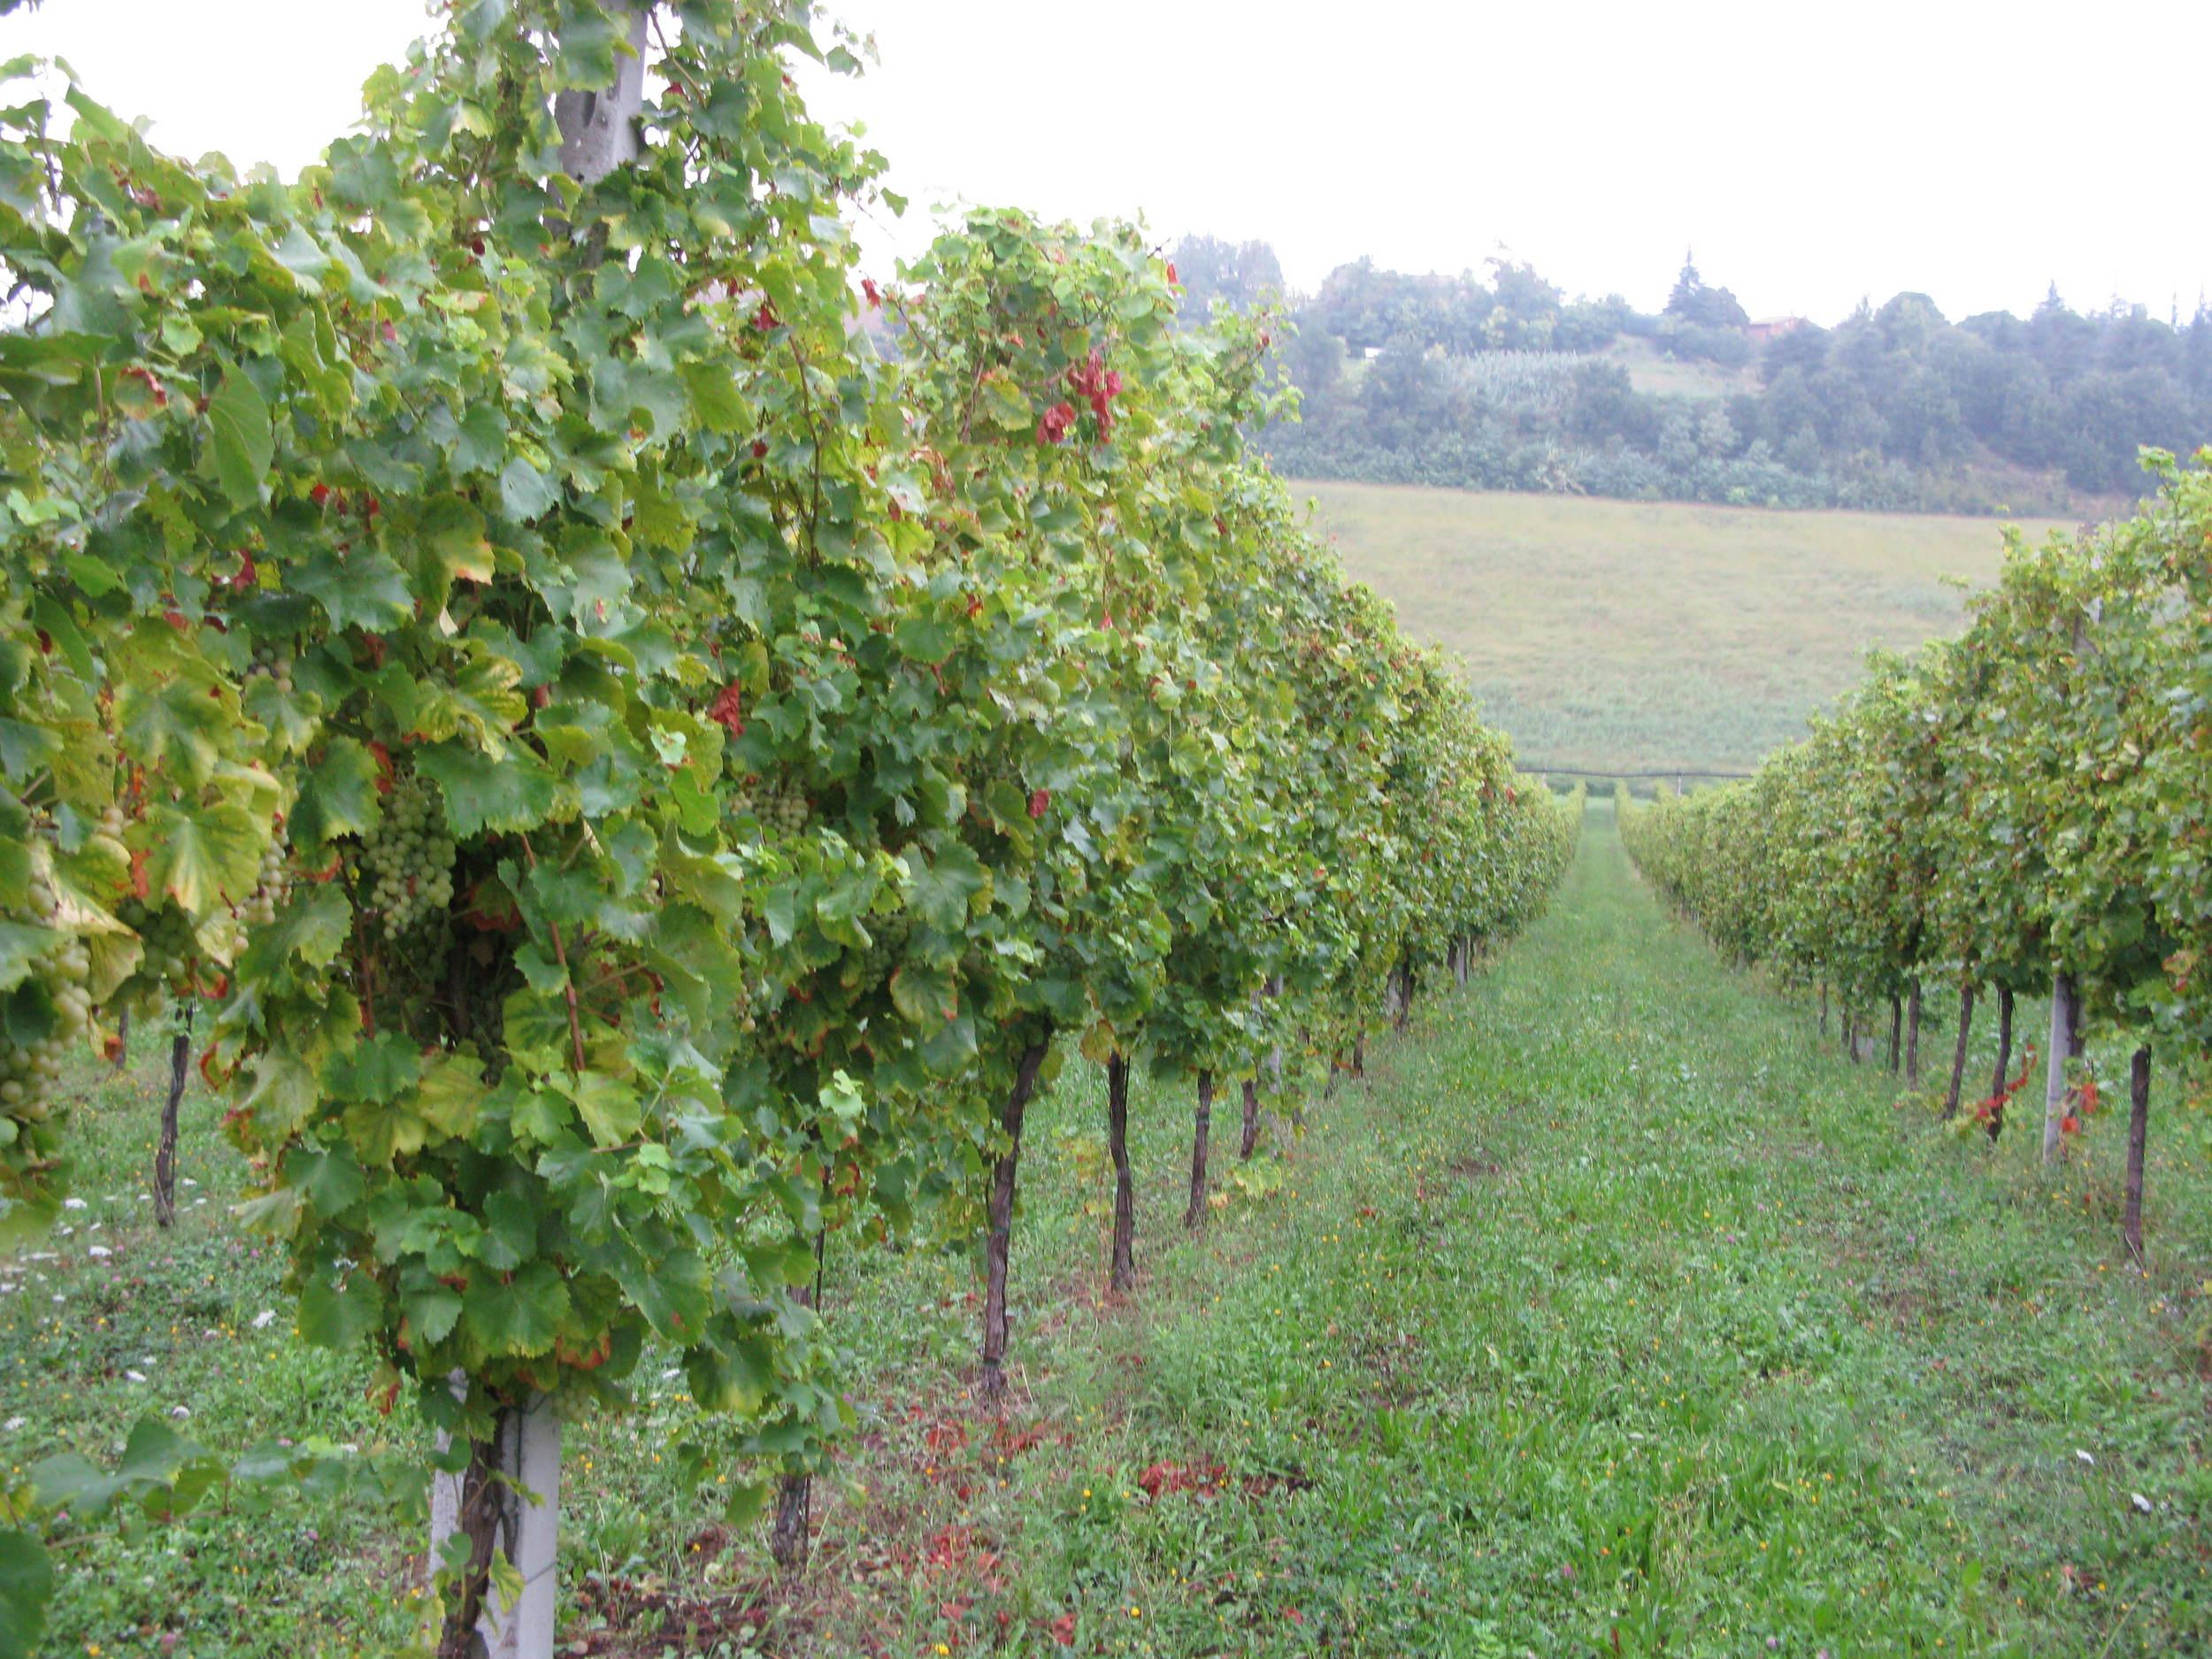 In the Ancarani vineyard